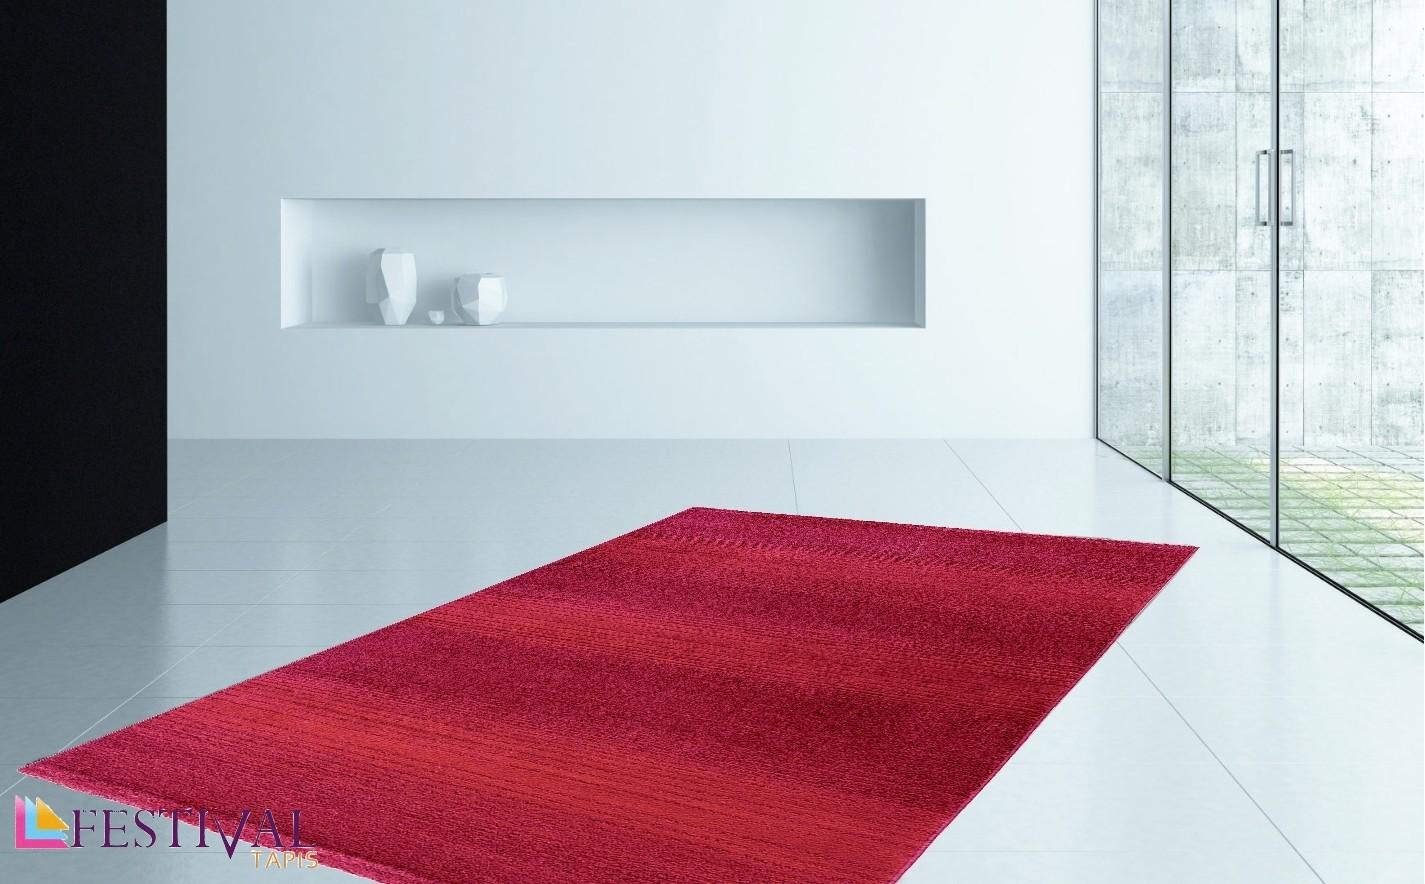 tapis uni orange longues m ches grande salon d 39 entr e couloir aspen. Black Bedroom Furniture Sets. Home Design Ideas